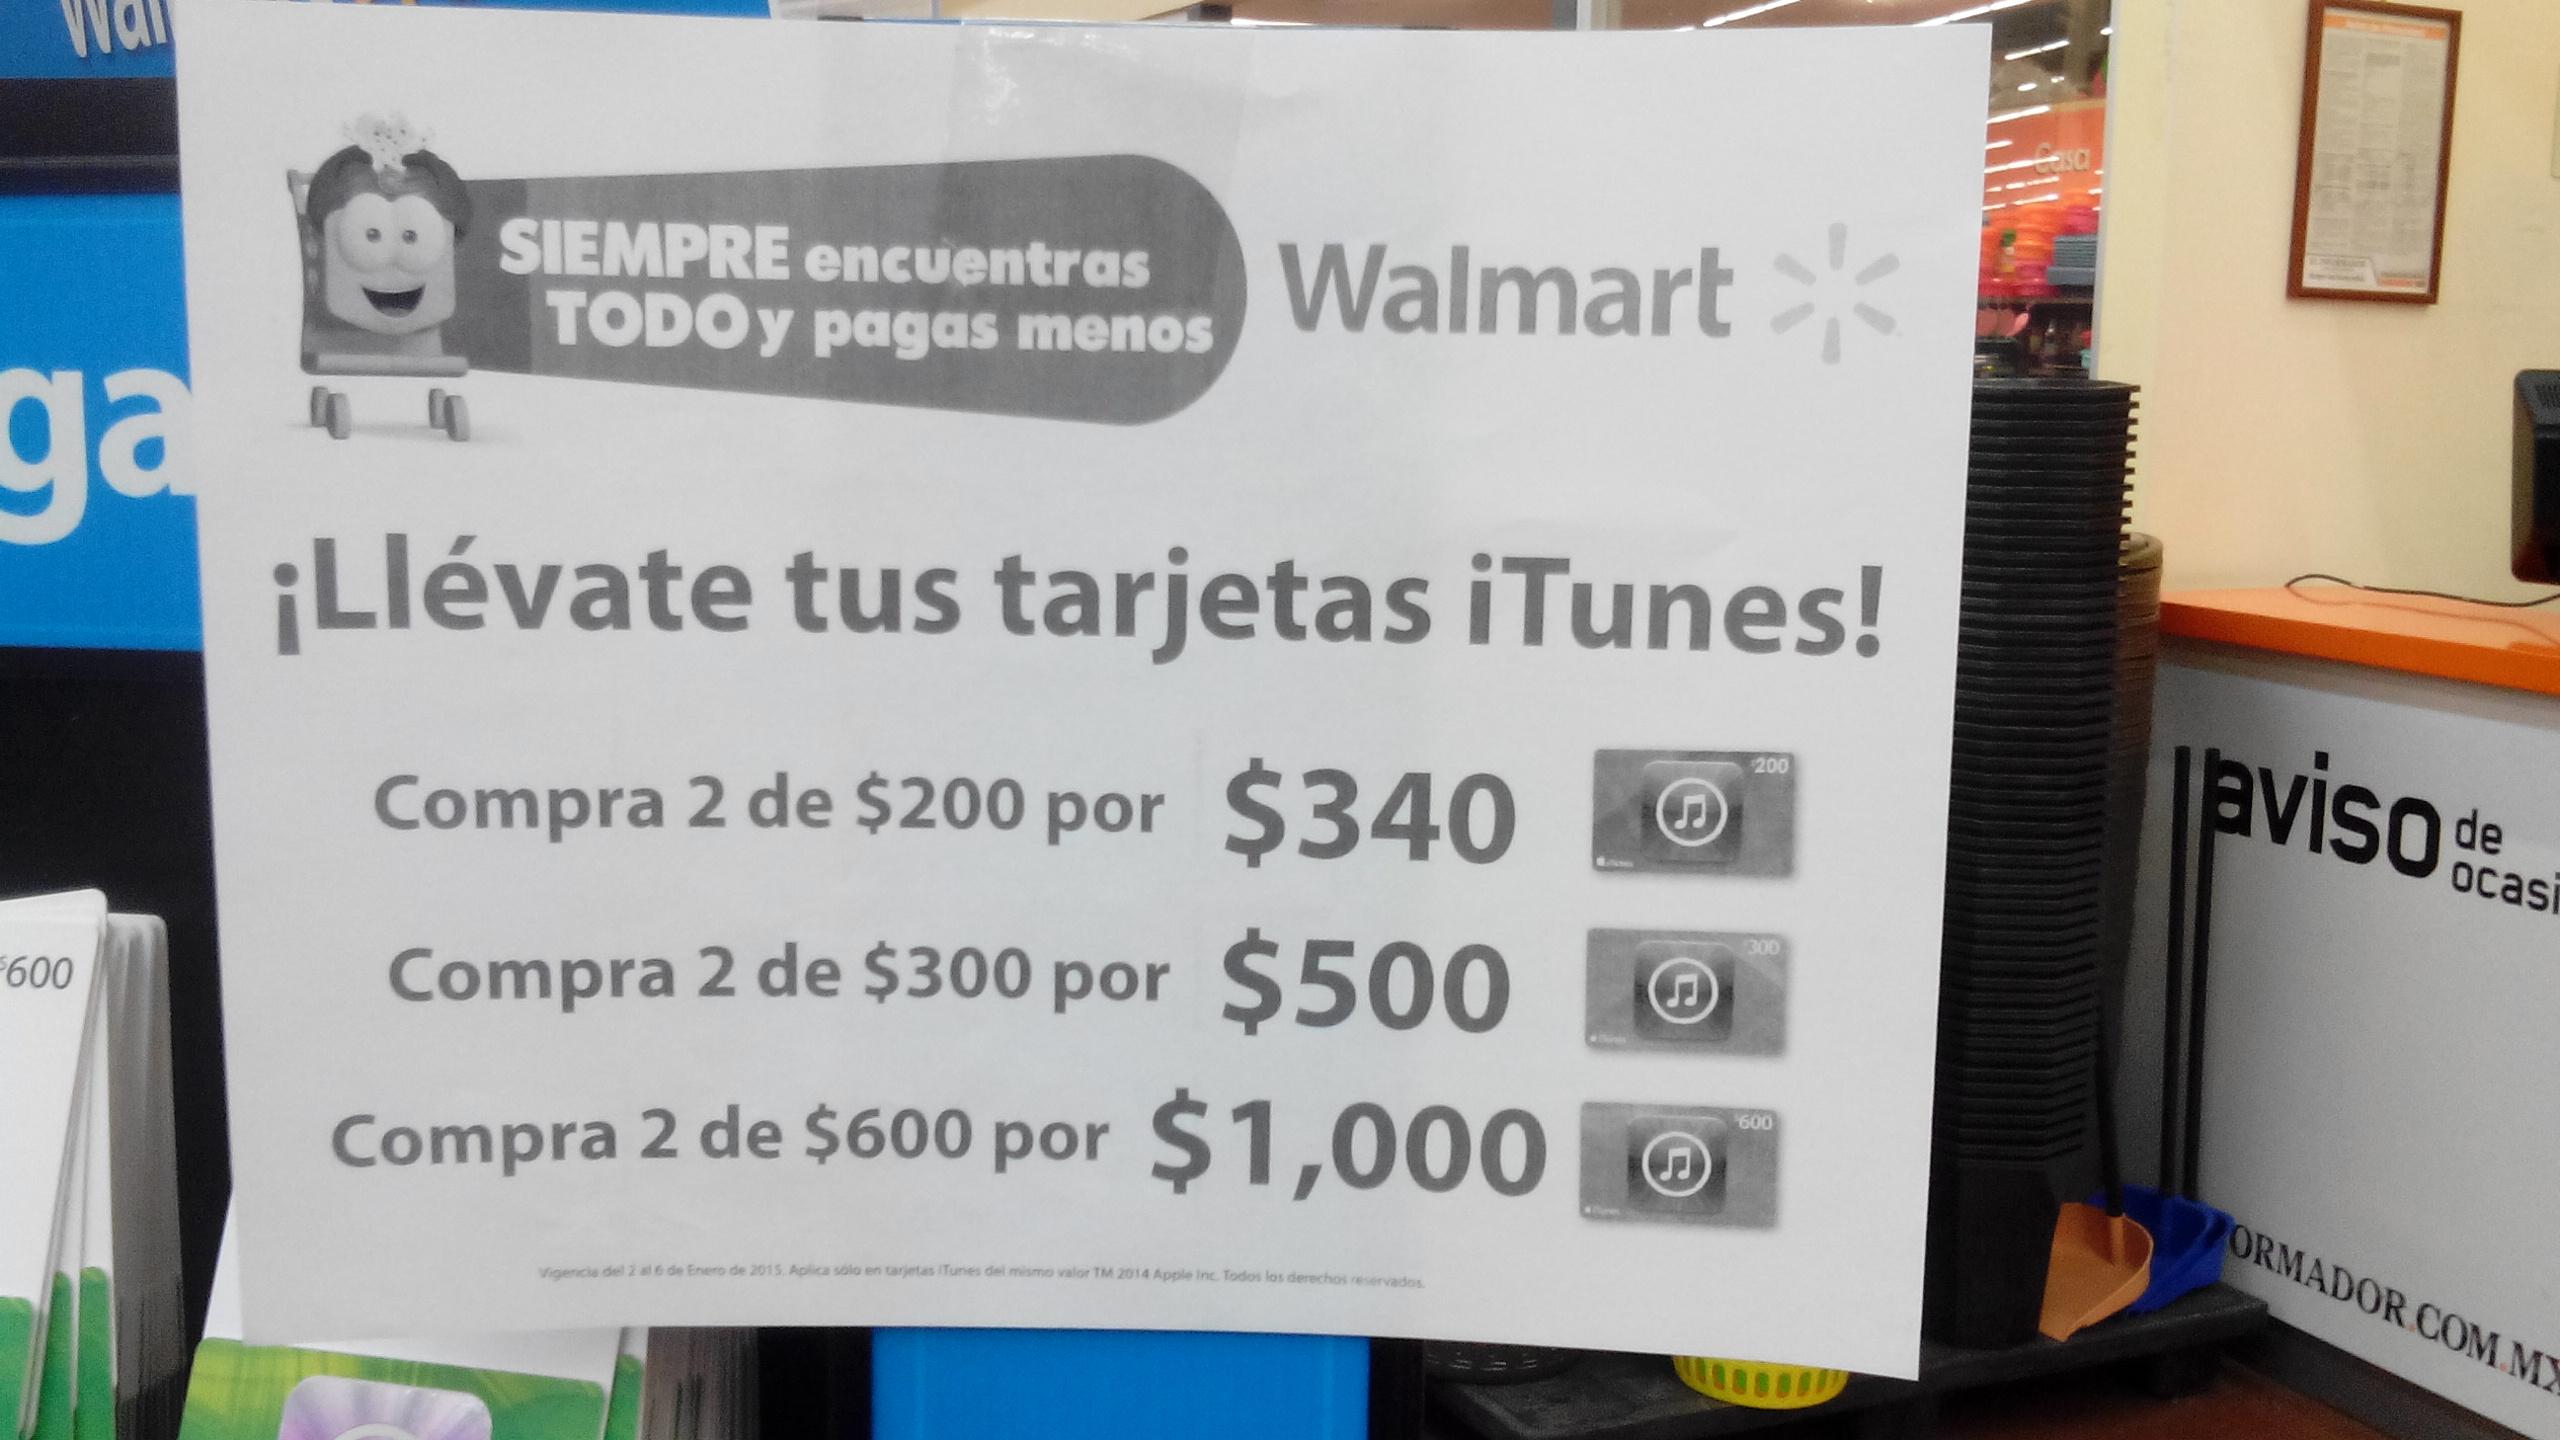 Walmart 15% de descuento aprox. en dos tarjetas iTunes